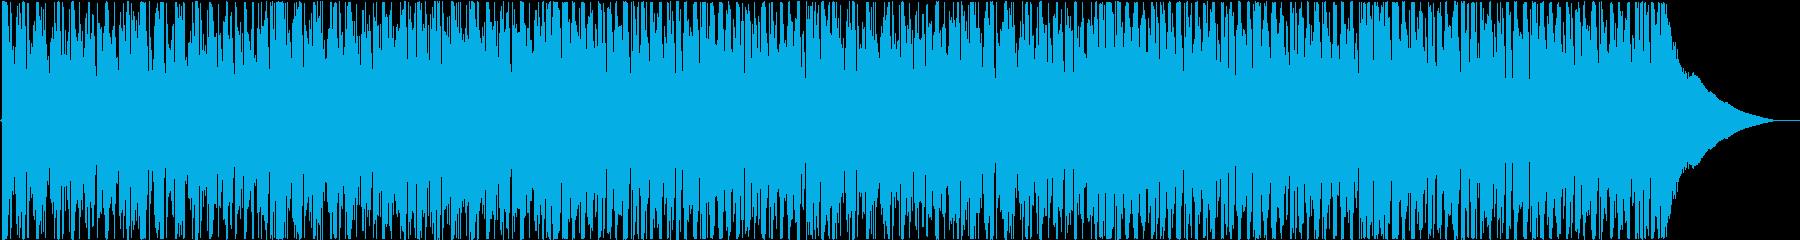 ポジティブでエネルギッシュなバックグラウの再生済みの波形